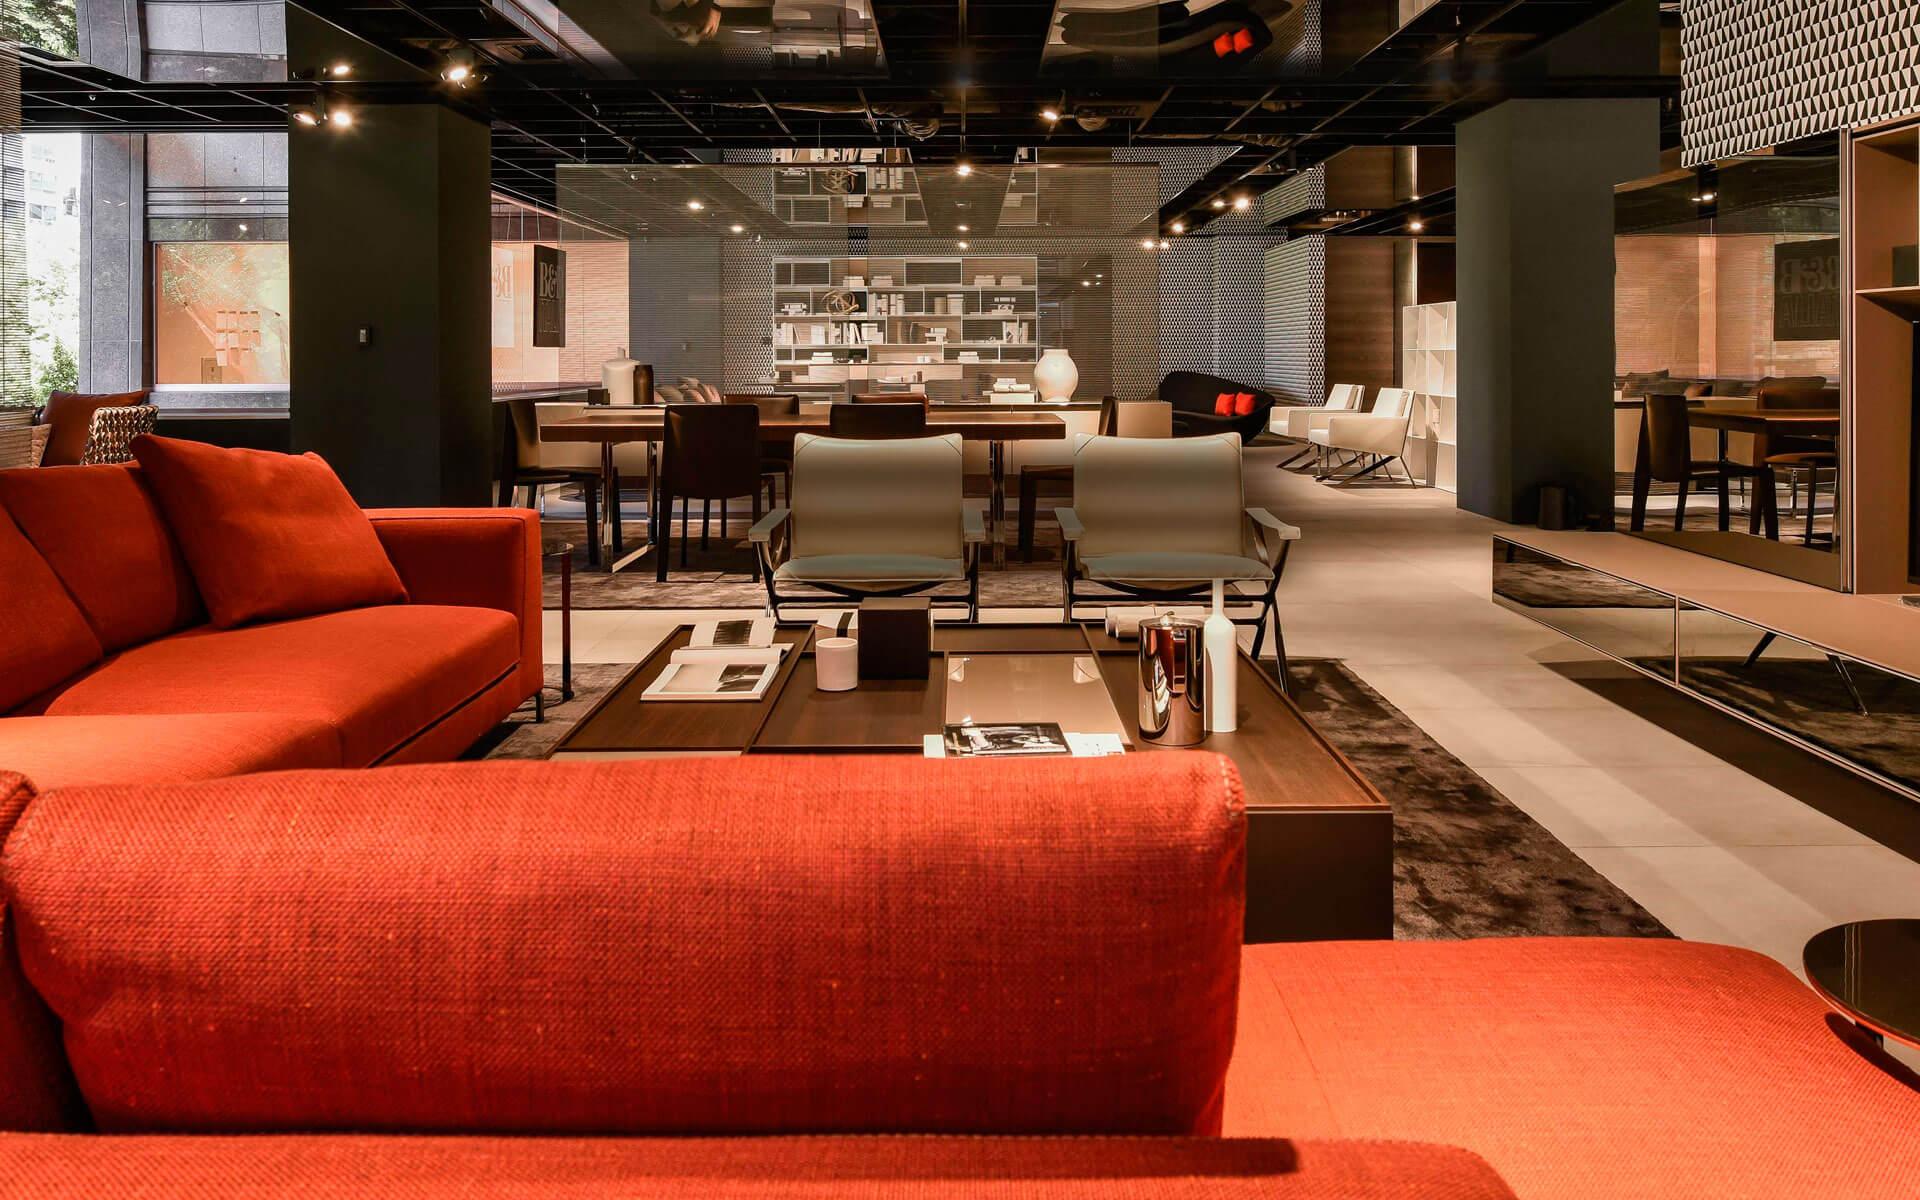 Tienda de muebles de dise o italiano for Muebles italianos